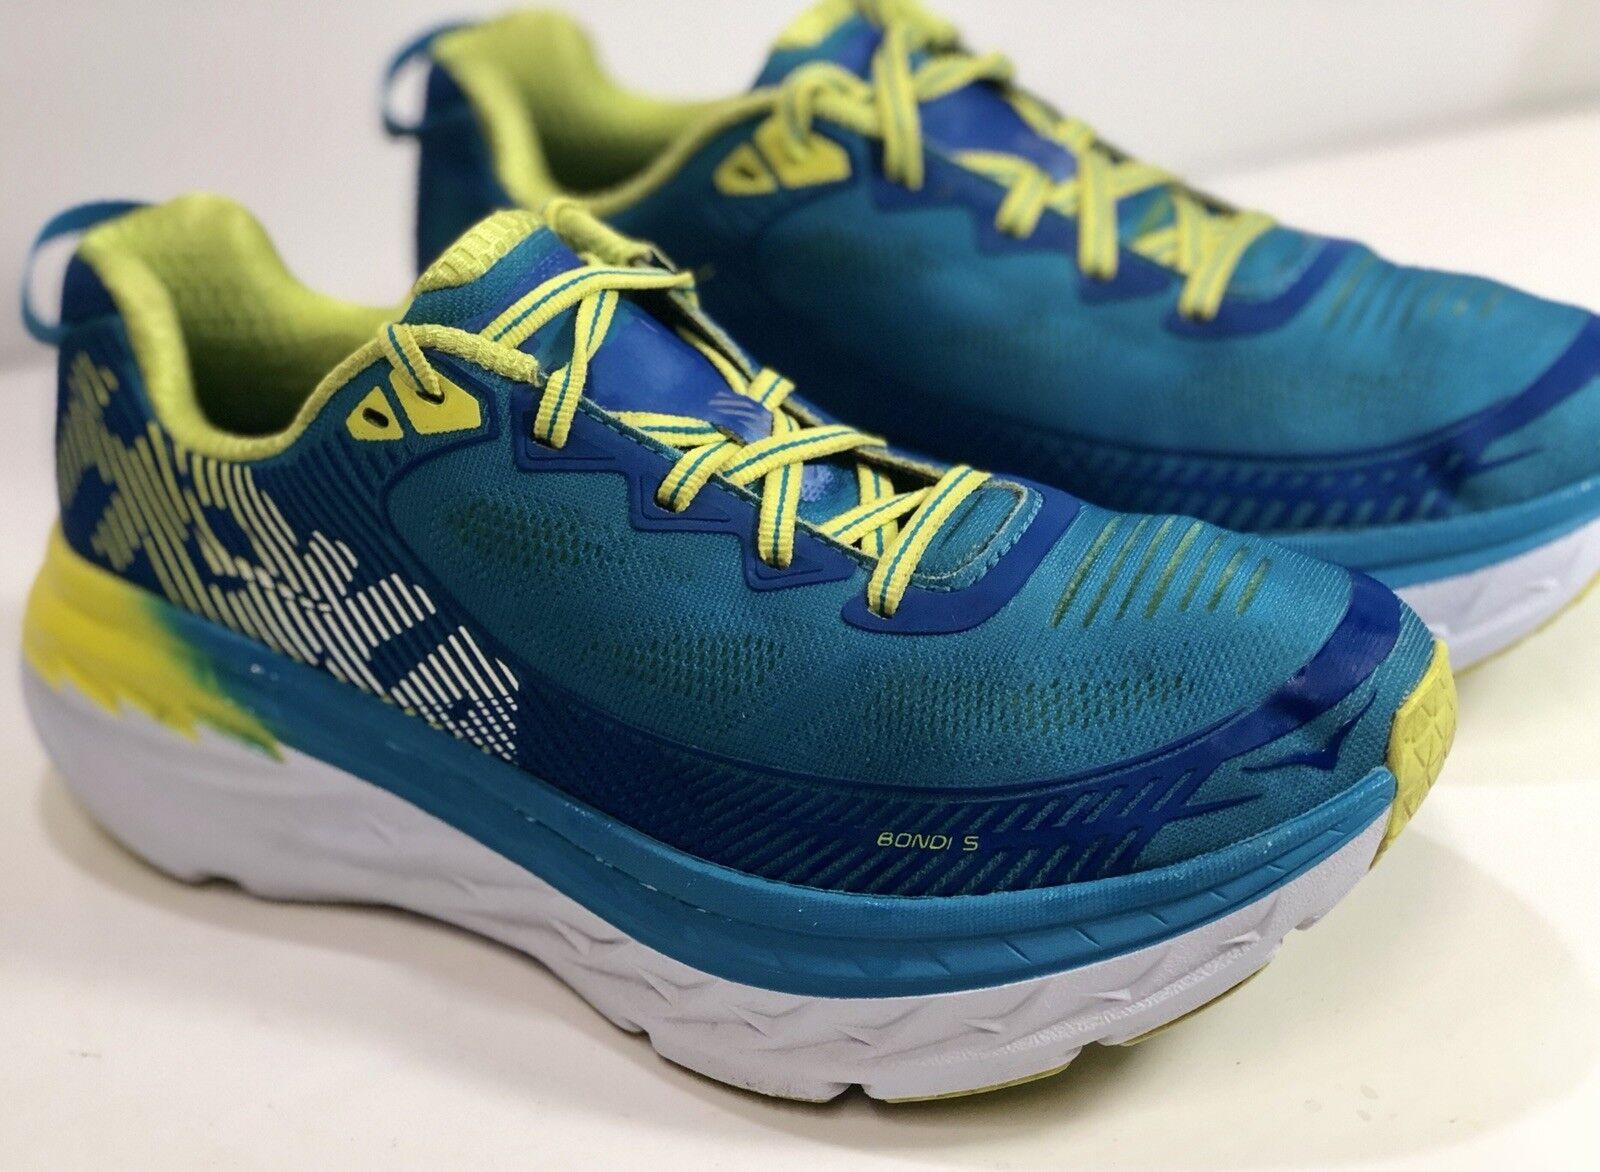 Hoka One One One One Bondi 5 para mujer Talla 8.5 Azul Zapatos De Correr Atléticos Cal  Con precio barato para obtener la mejor marca.